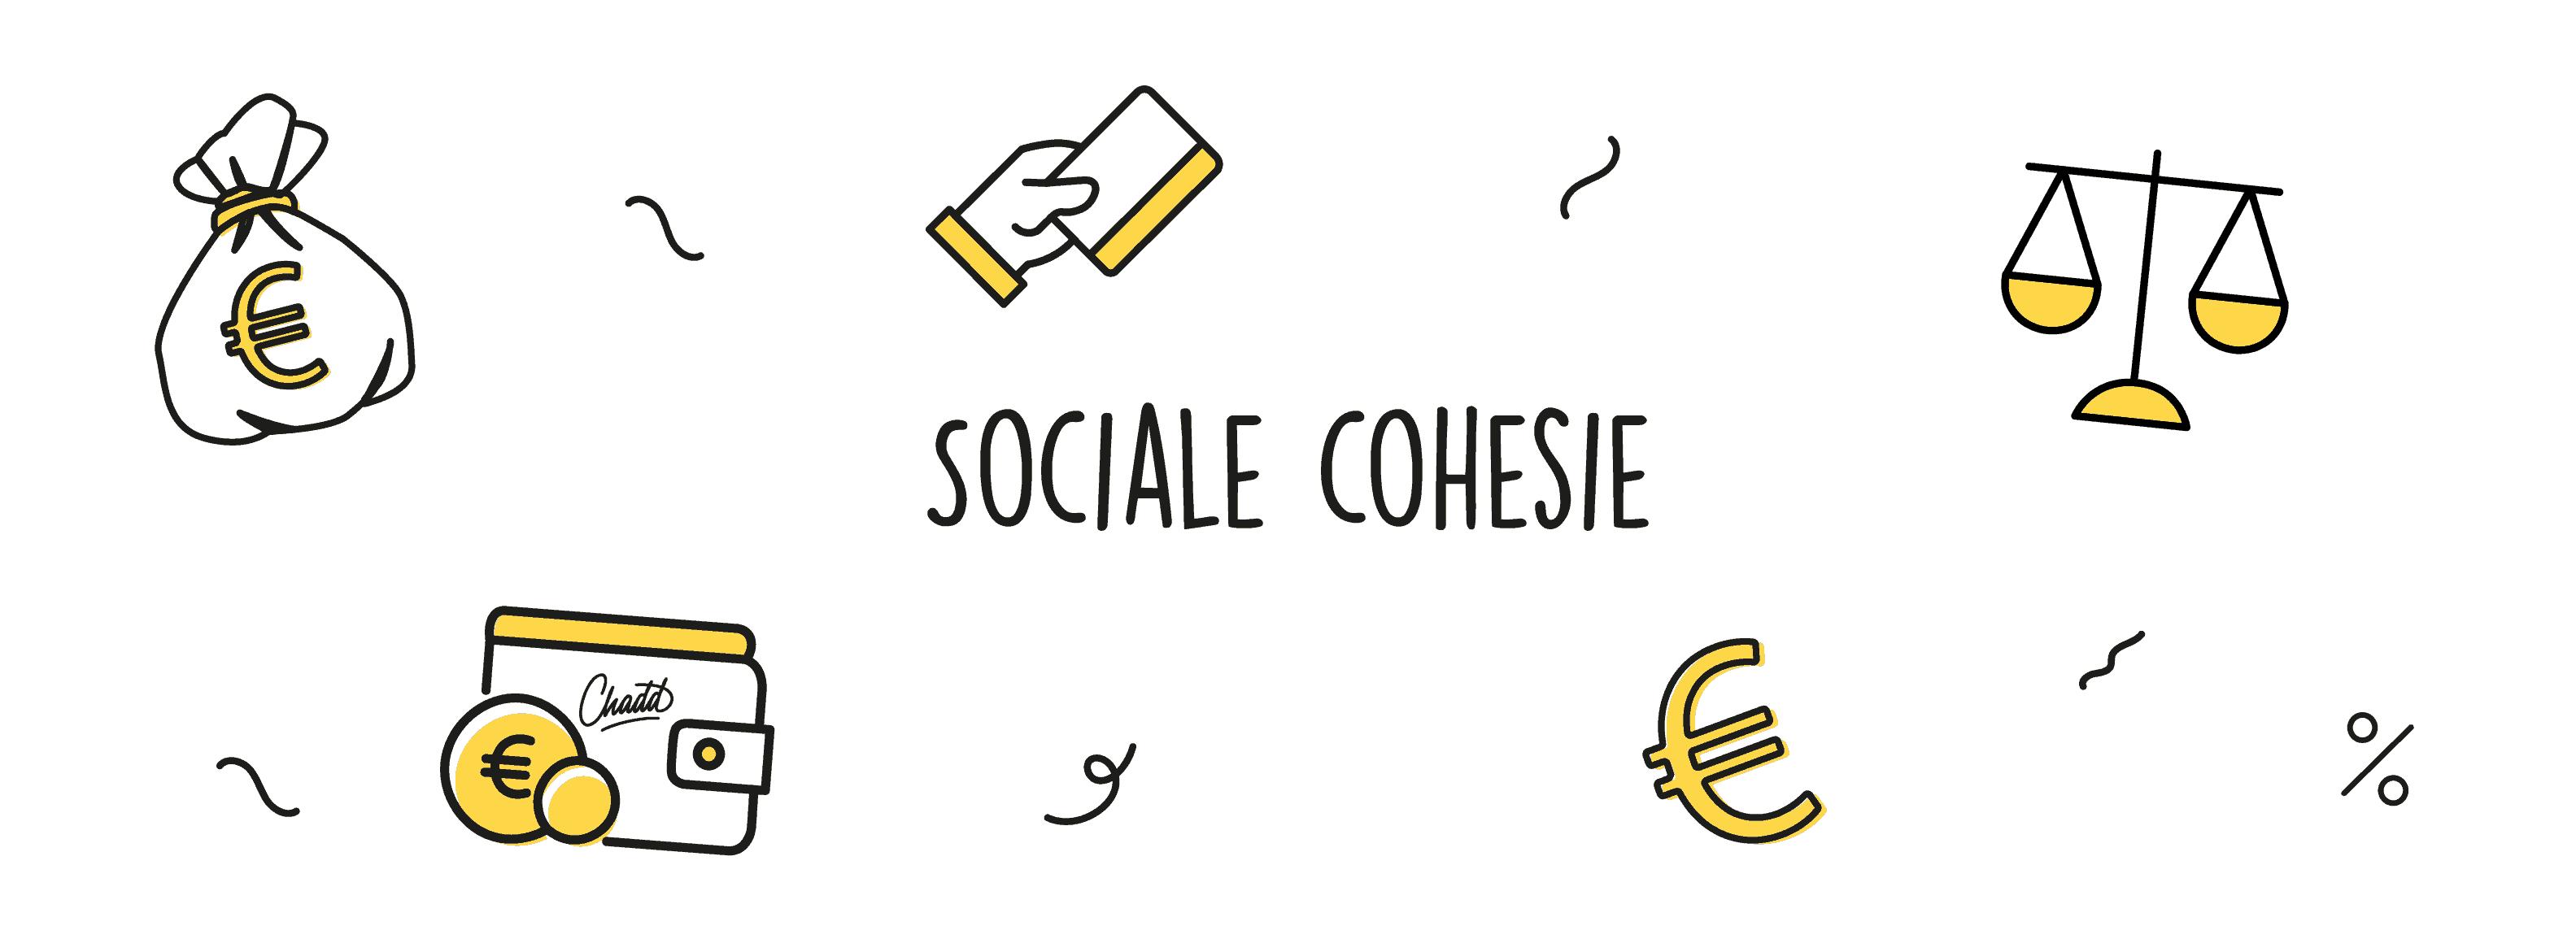 Sociale Cohesie